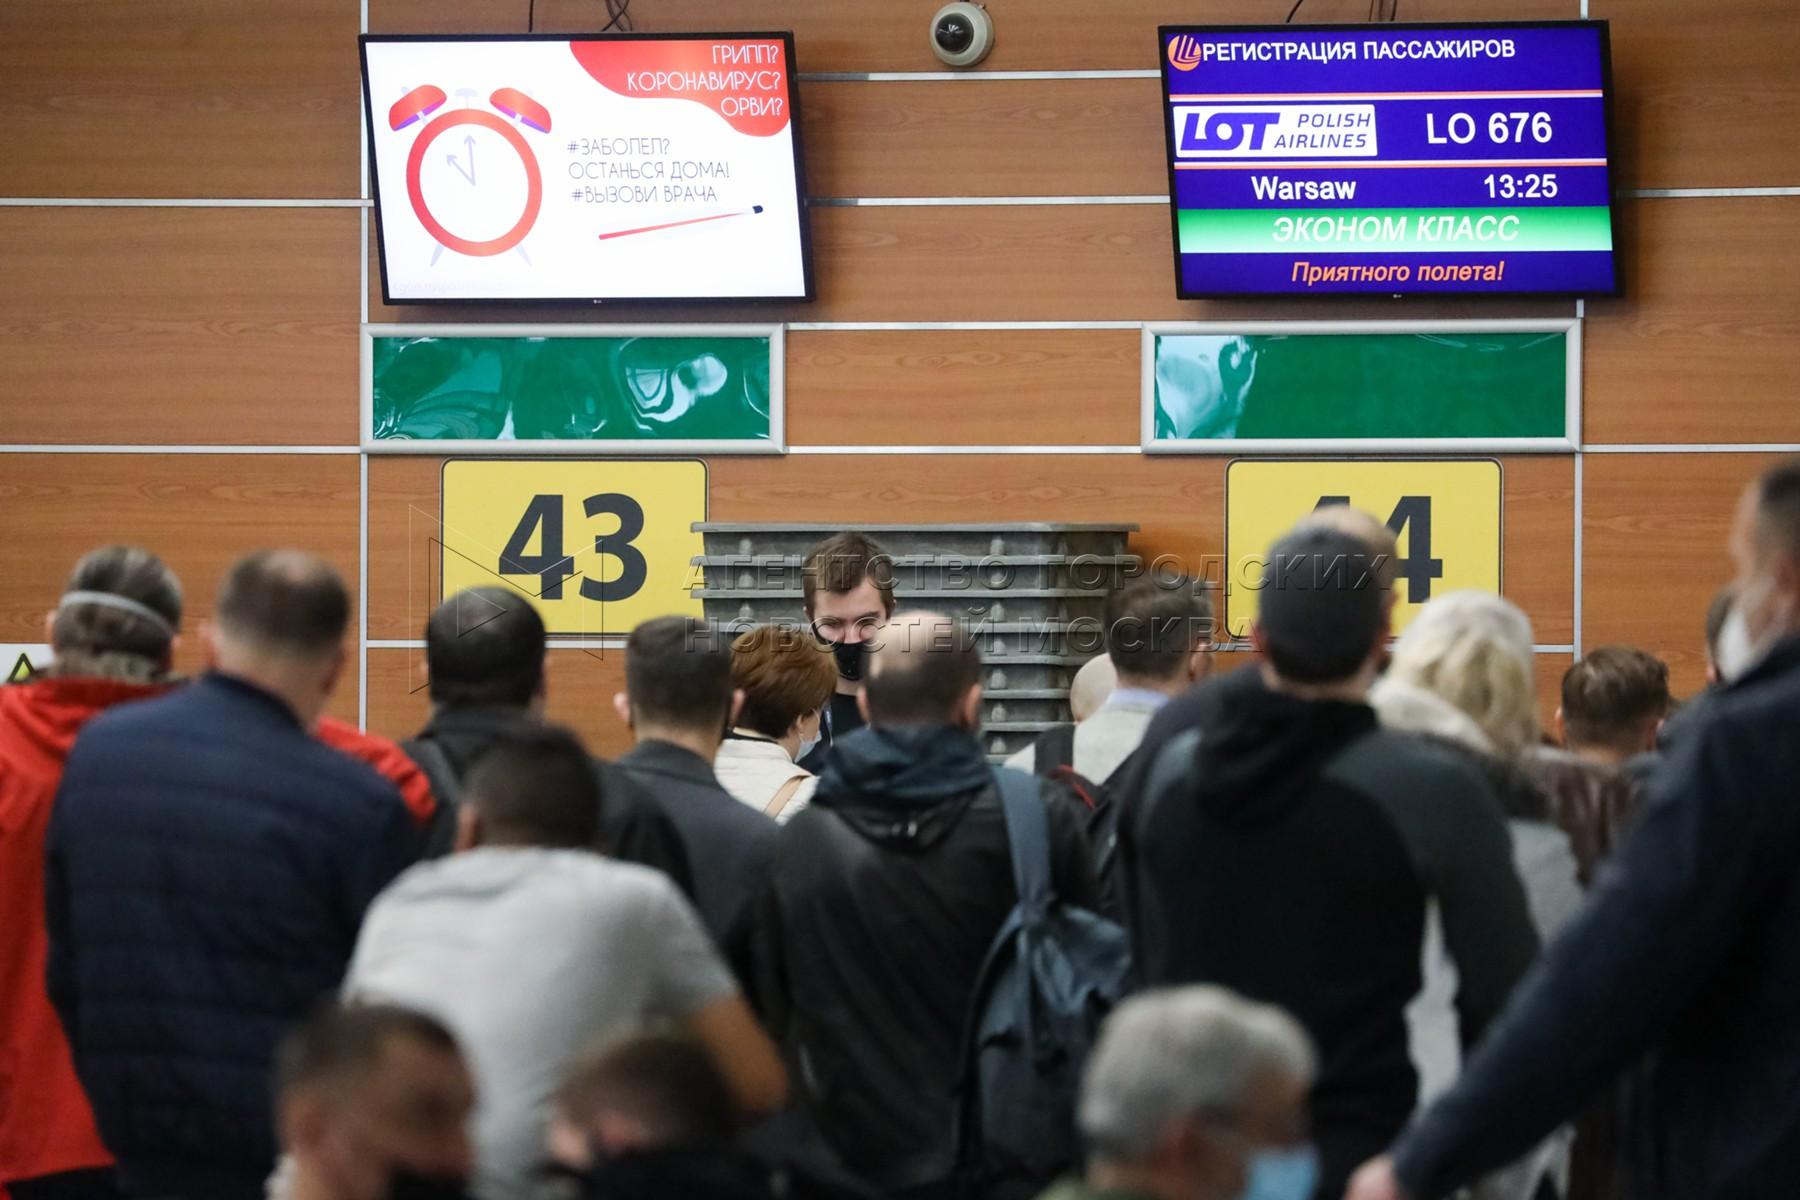 Работа международного аэропорта Шереметьево.